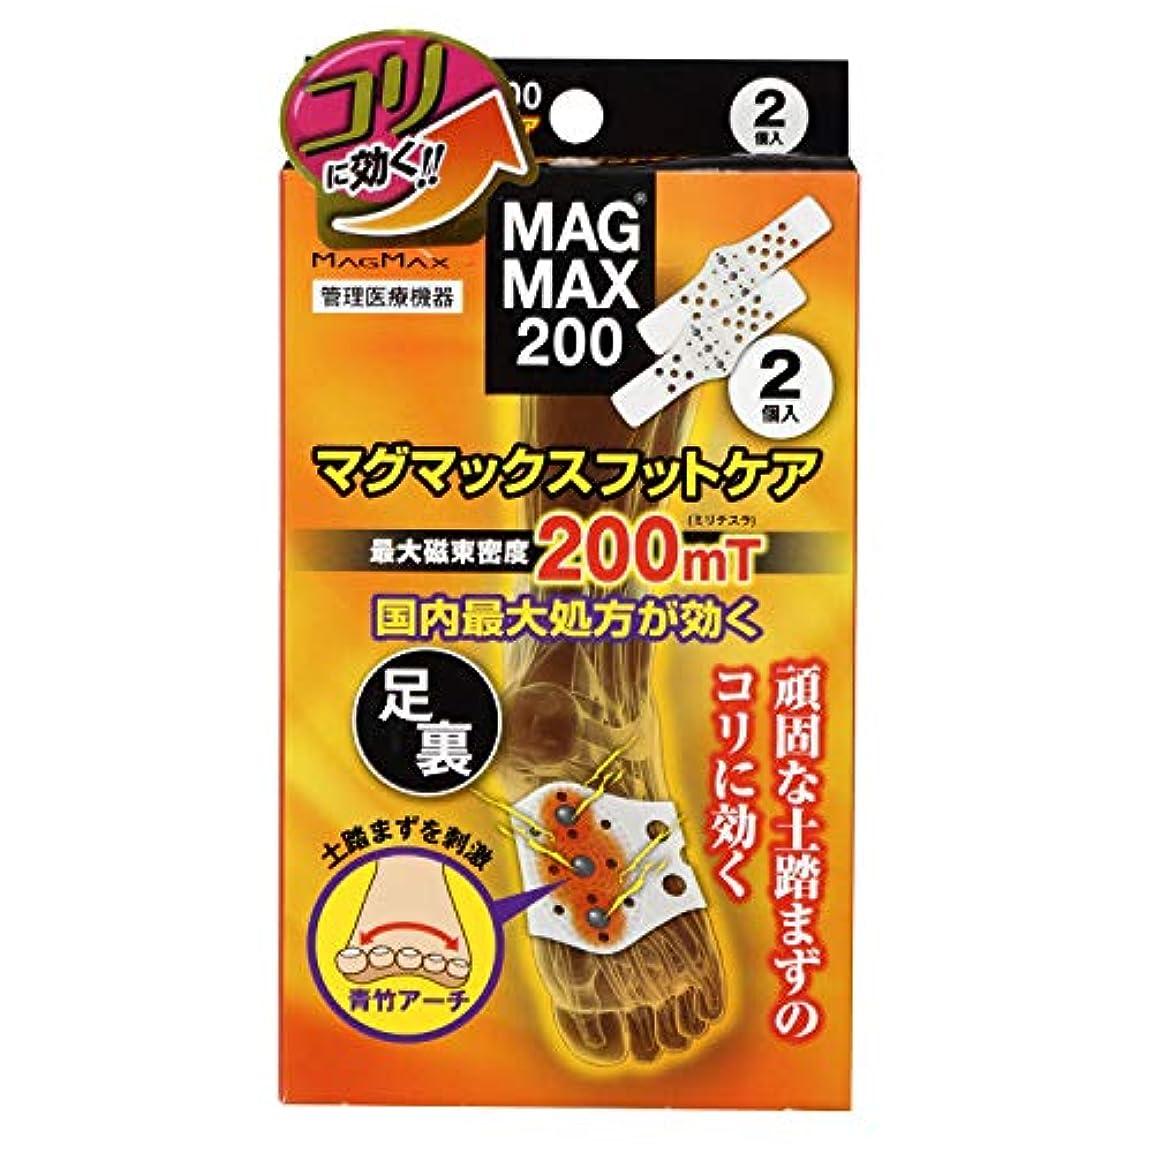 避ける怒るリフレッシュマグマックスフットケア MAGMAX200 足裏用磁気ベルト マグネットケア 磁束密度200mT (2個入り)